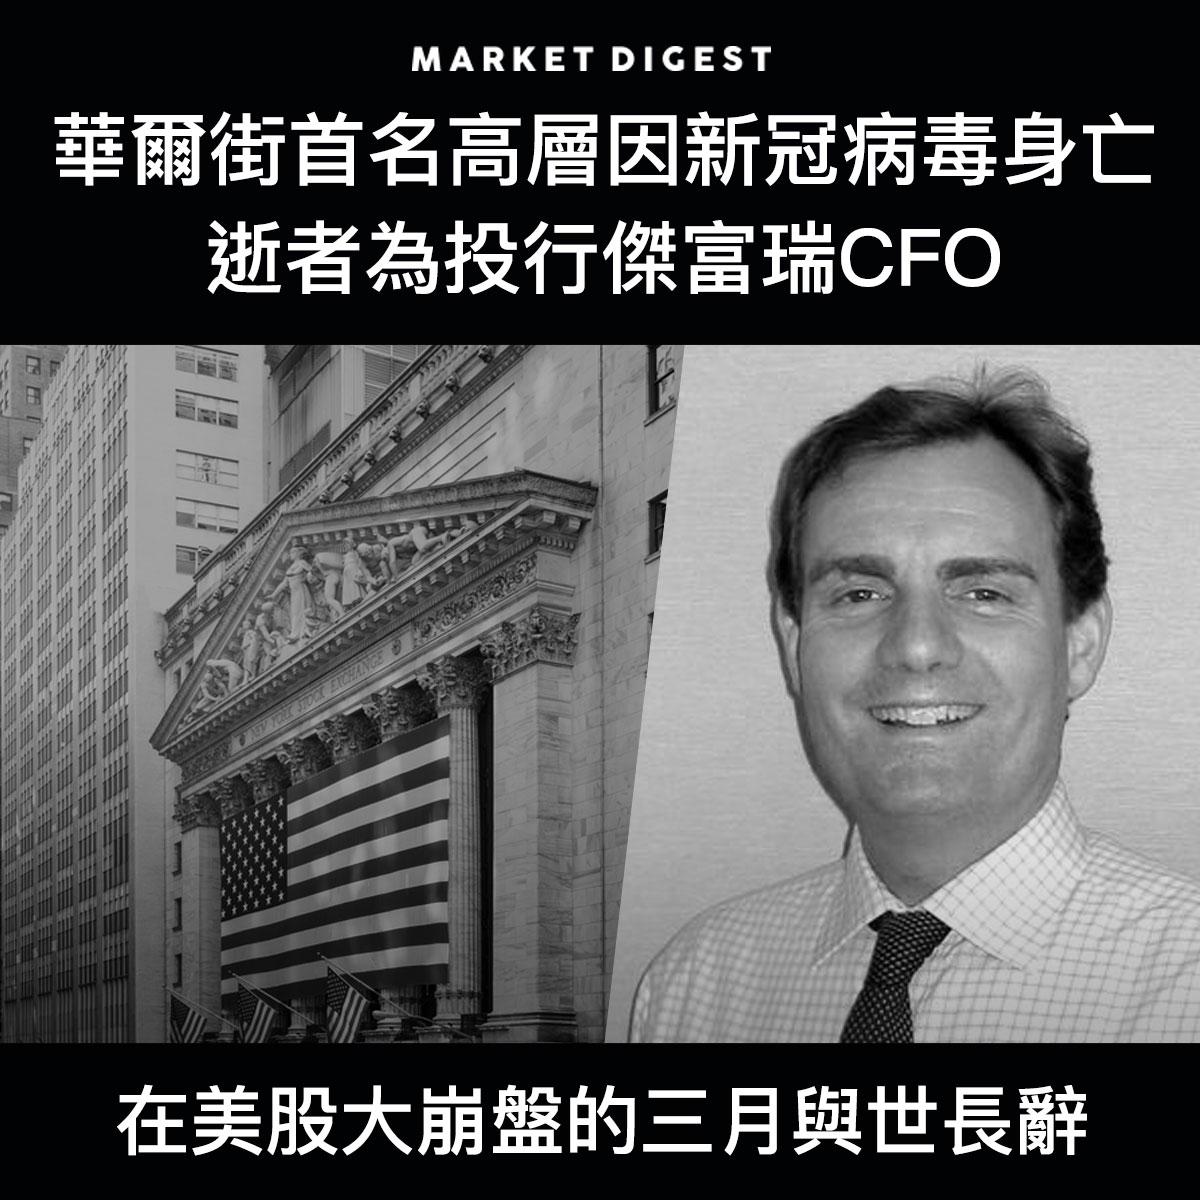 【市場恐慌】華爾街首名高層因新冠病毒身亡,逝者為傑富瑞CFO